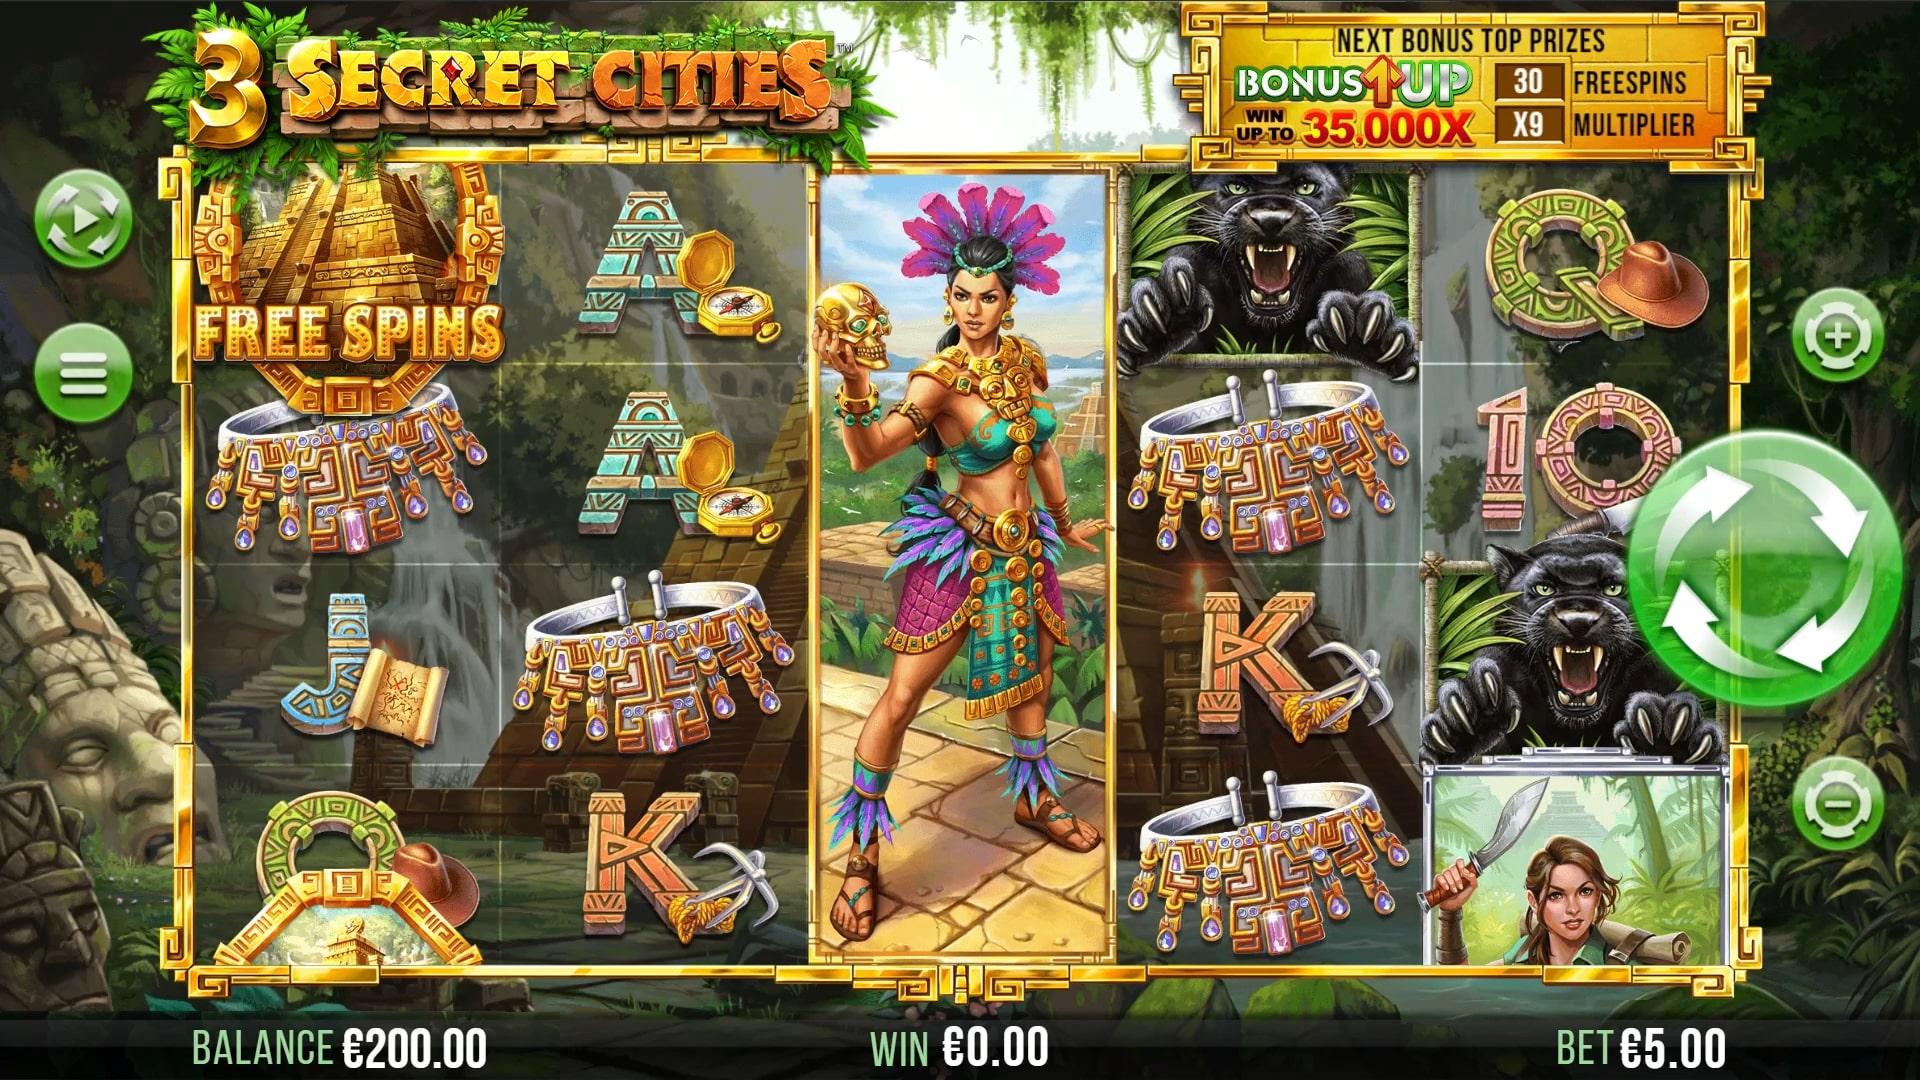 3 Secret Cities Screenshot